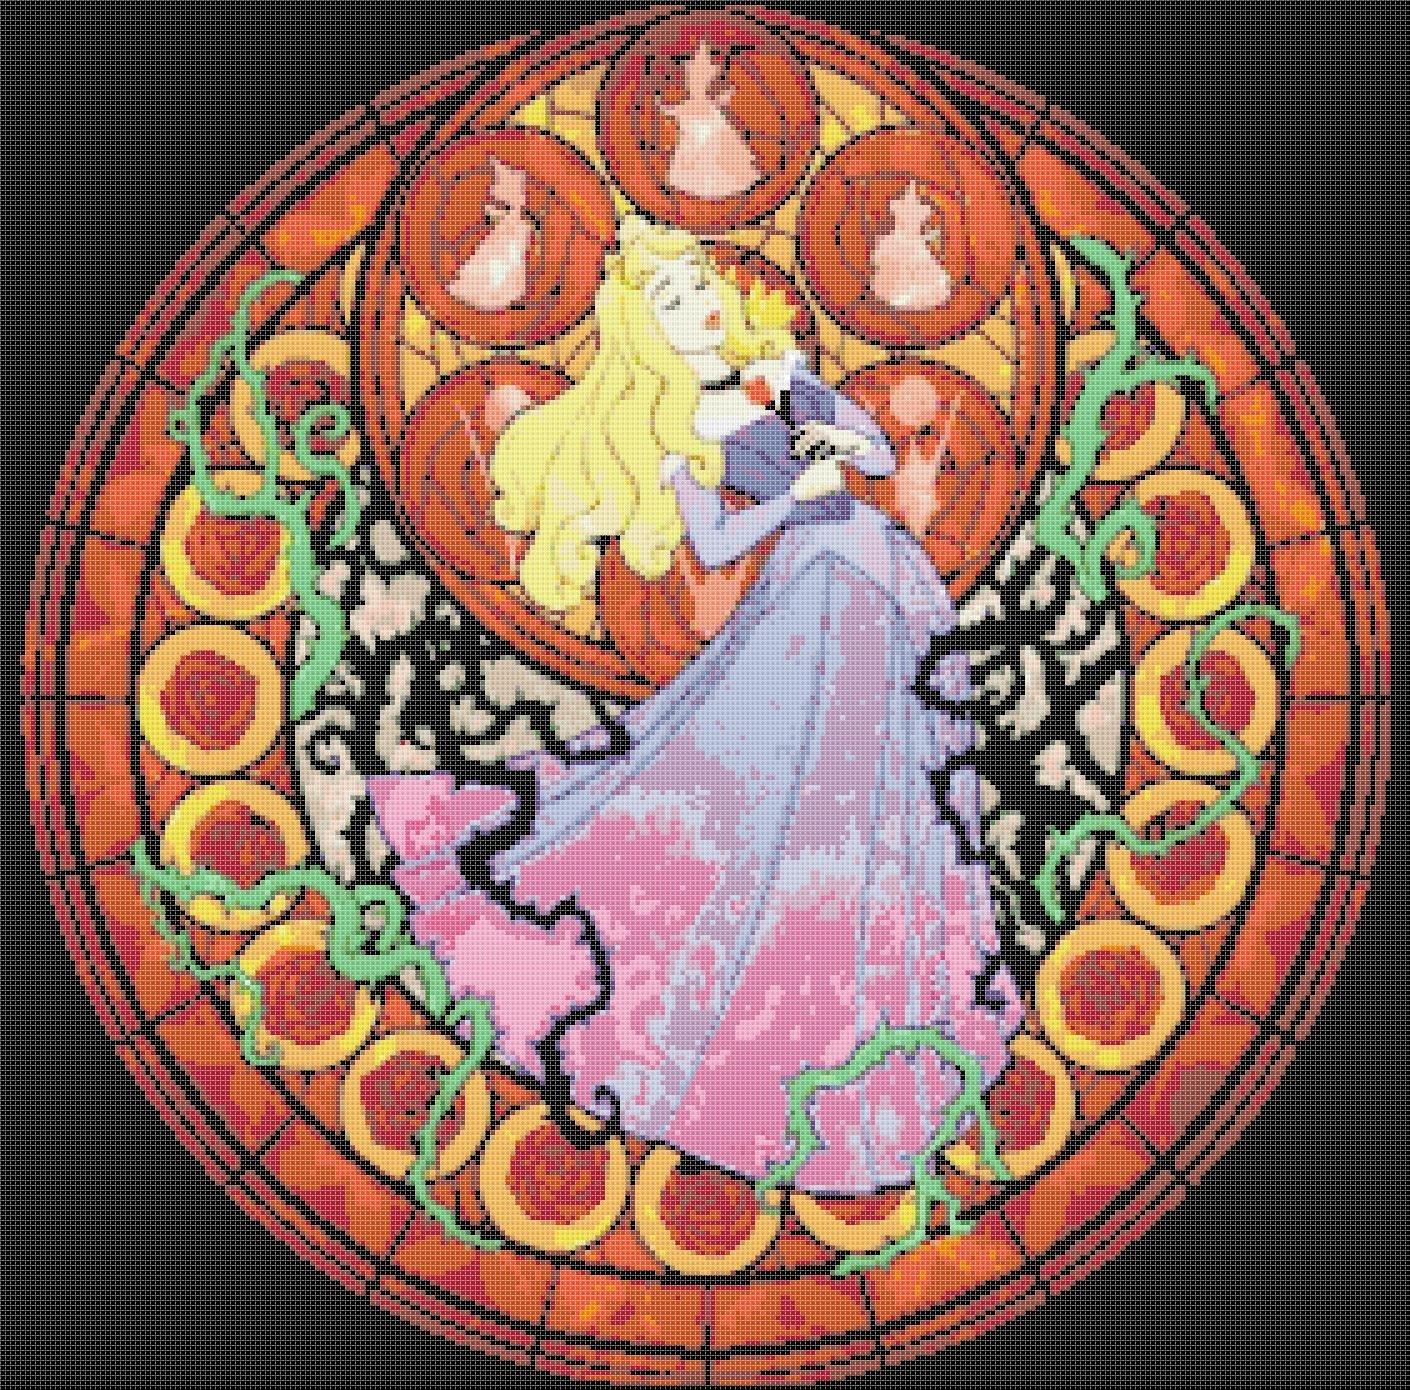 """Sleeping beauty stained glass - 20.14"""" x 19.86"""" - Cross Stitch Pattern Pdf E786"""